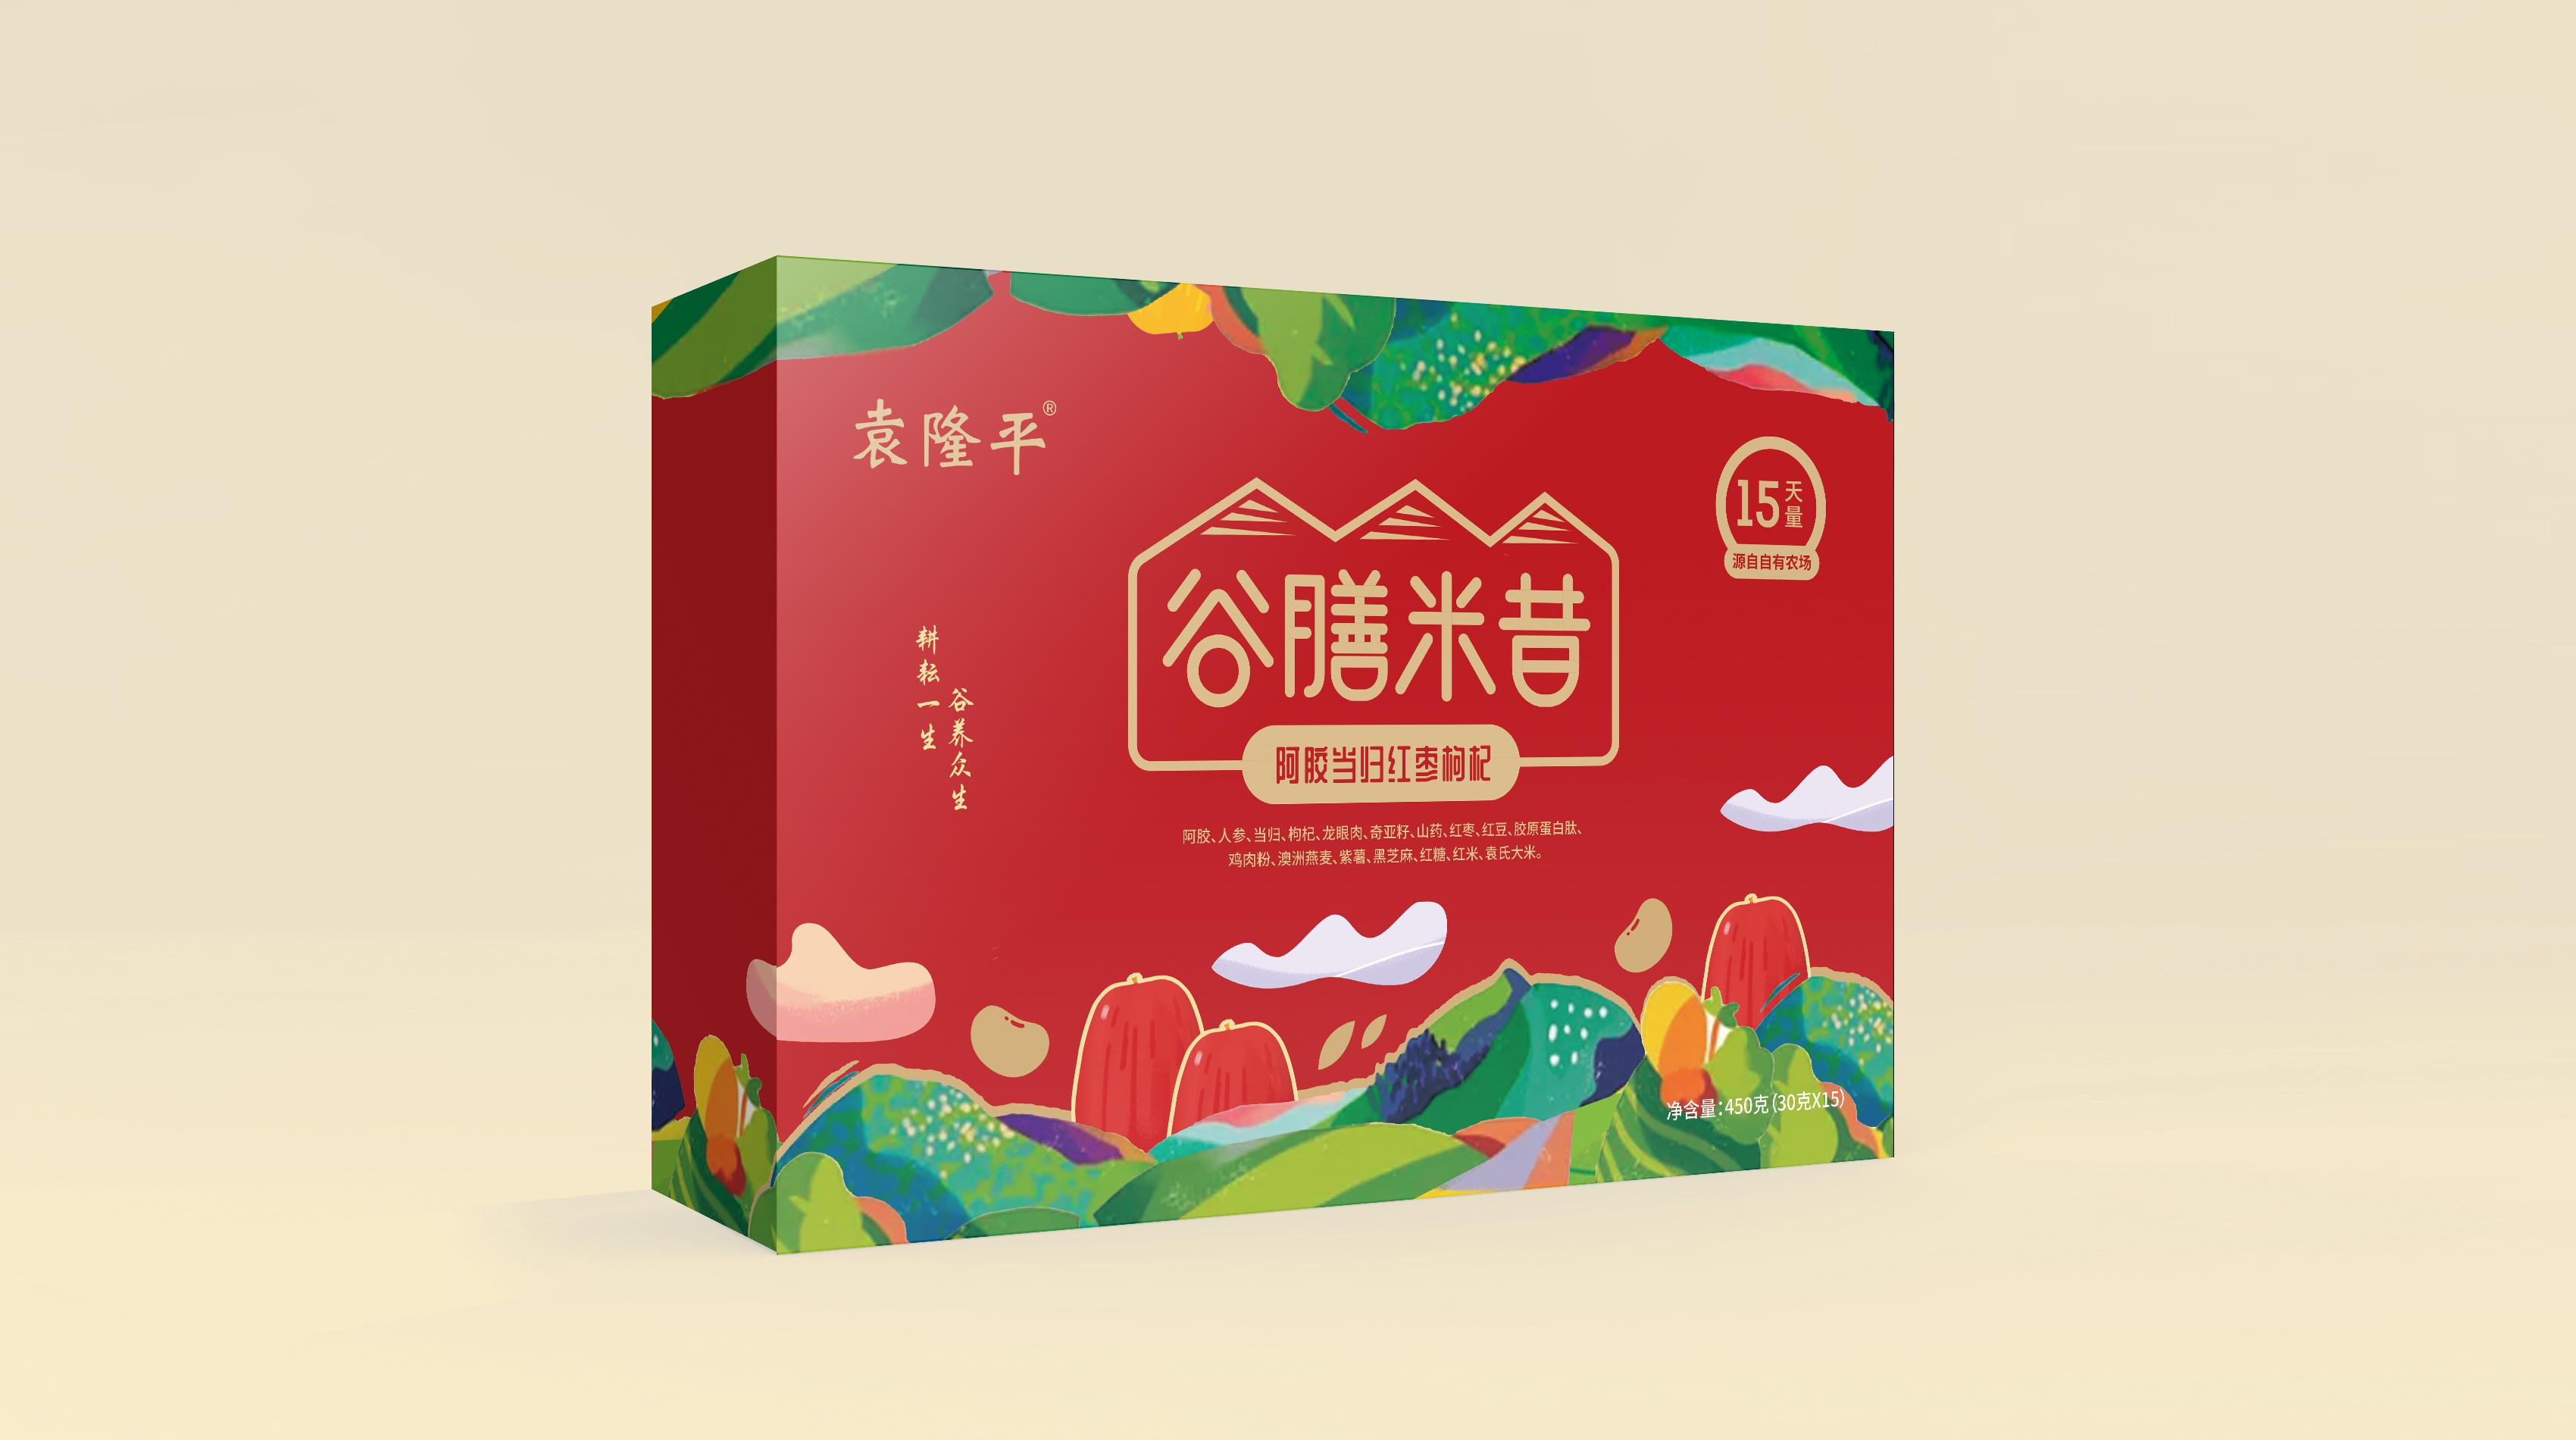 袁隆平谷膳米昔品牌包装设计